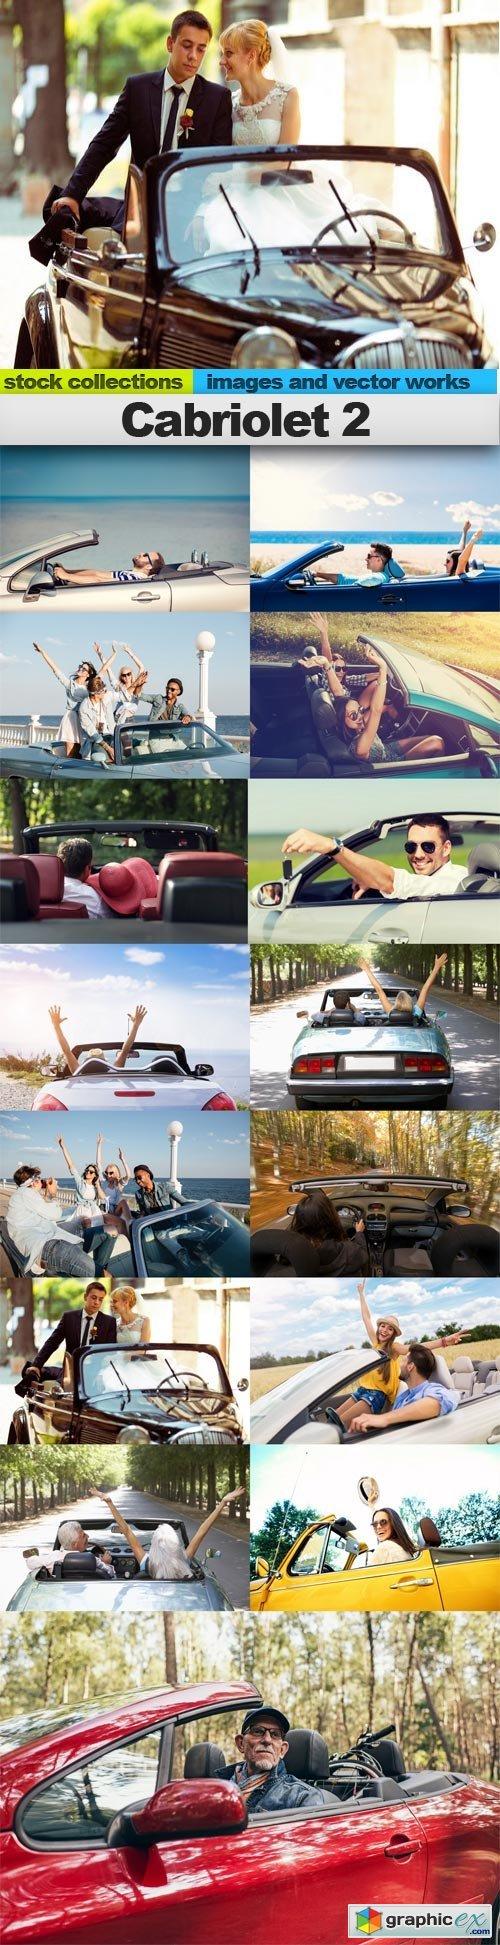 Cabriolet 2, 15 x UHQ JPEG